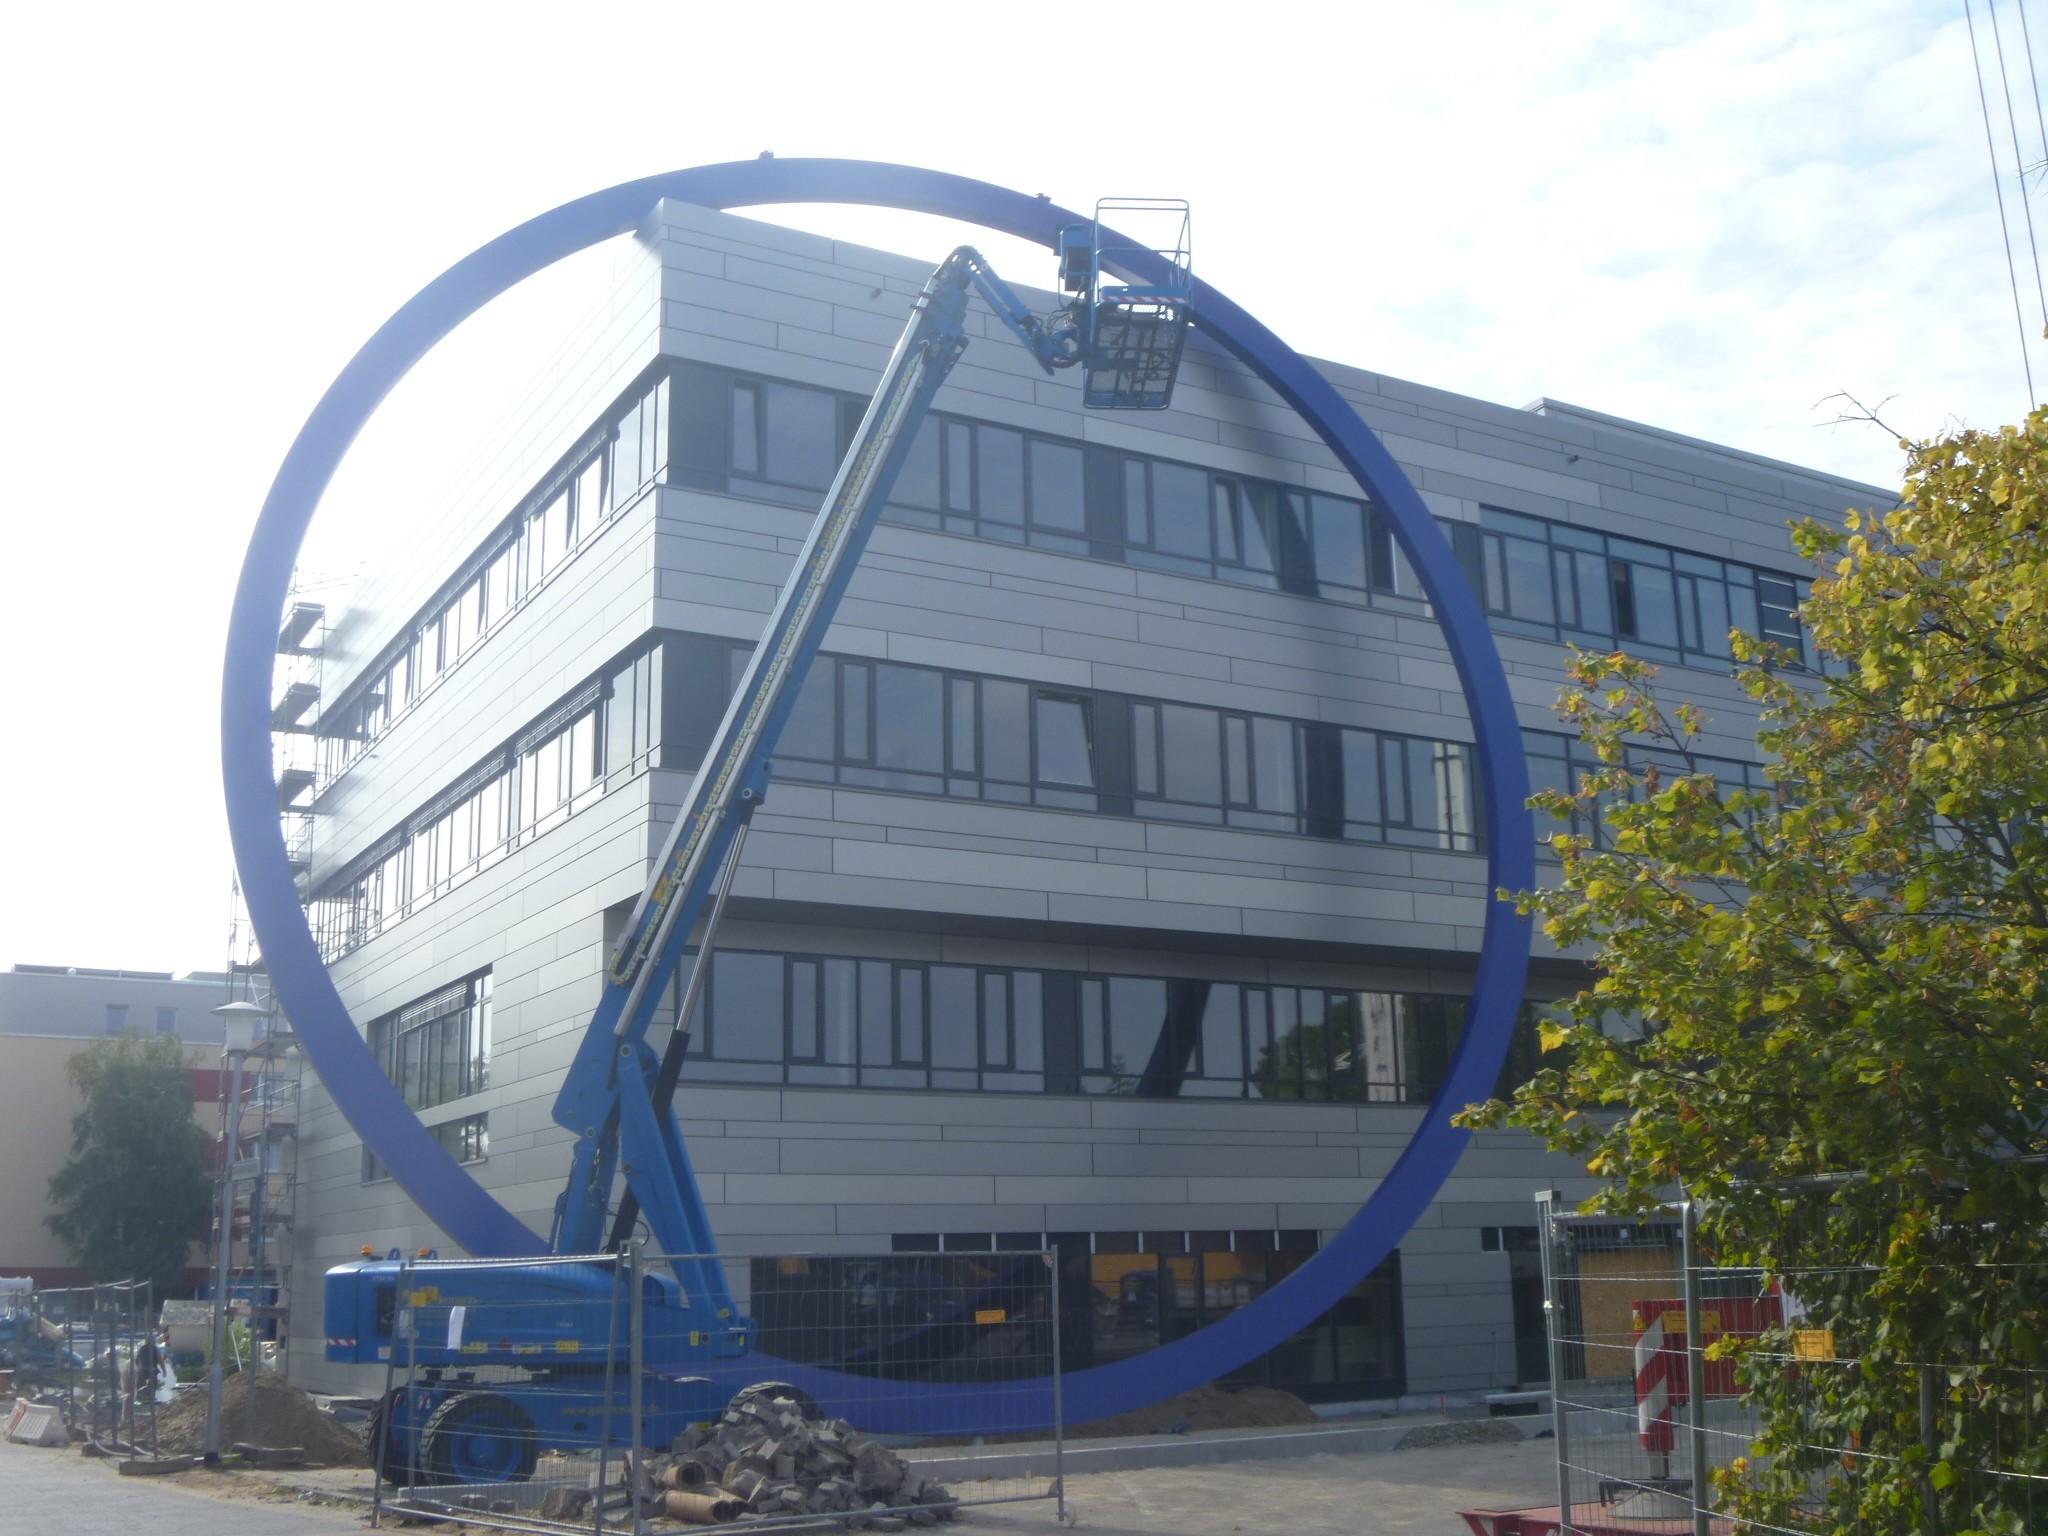 Neubau des Institutes für Chemie und  Biotechnologie der Hochschule, Darmstadt